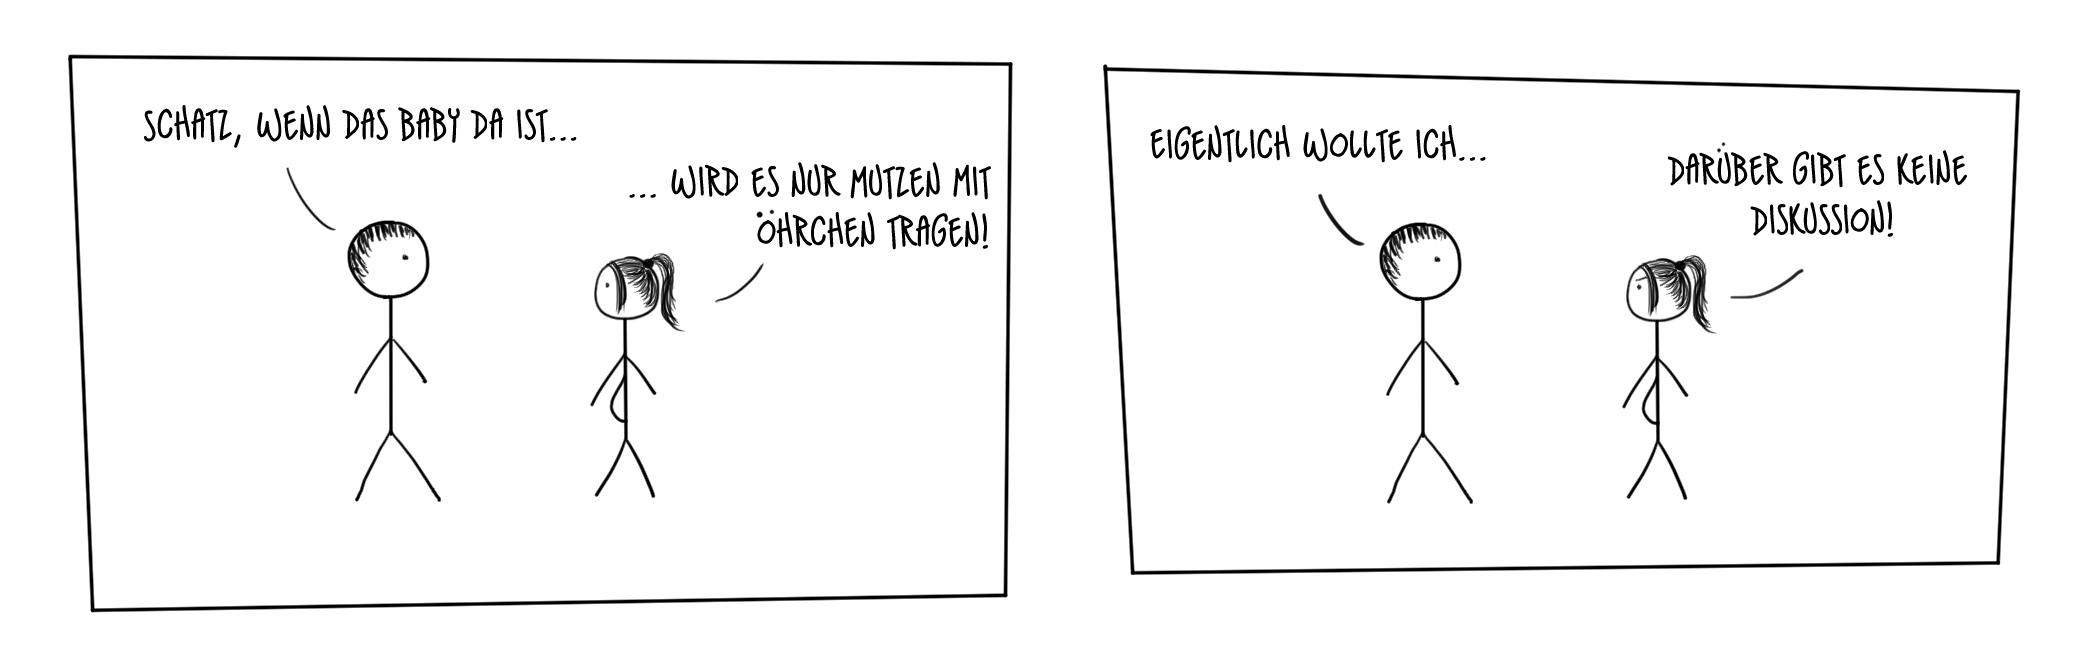 Öhrchen